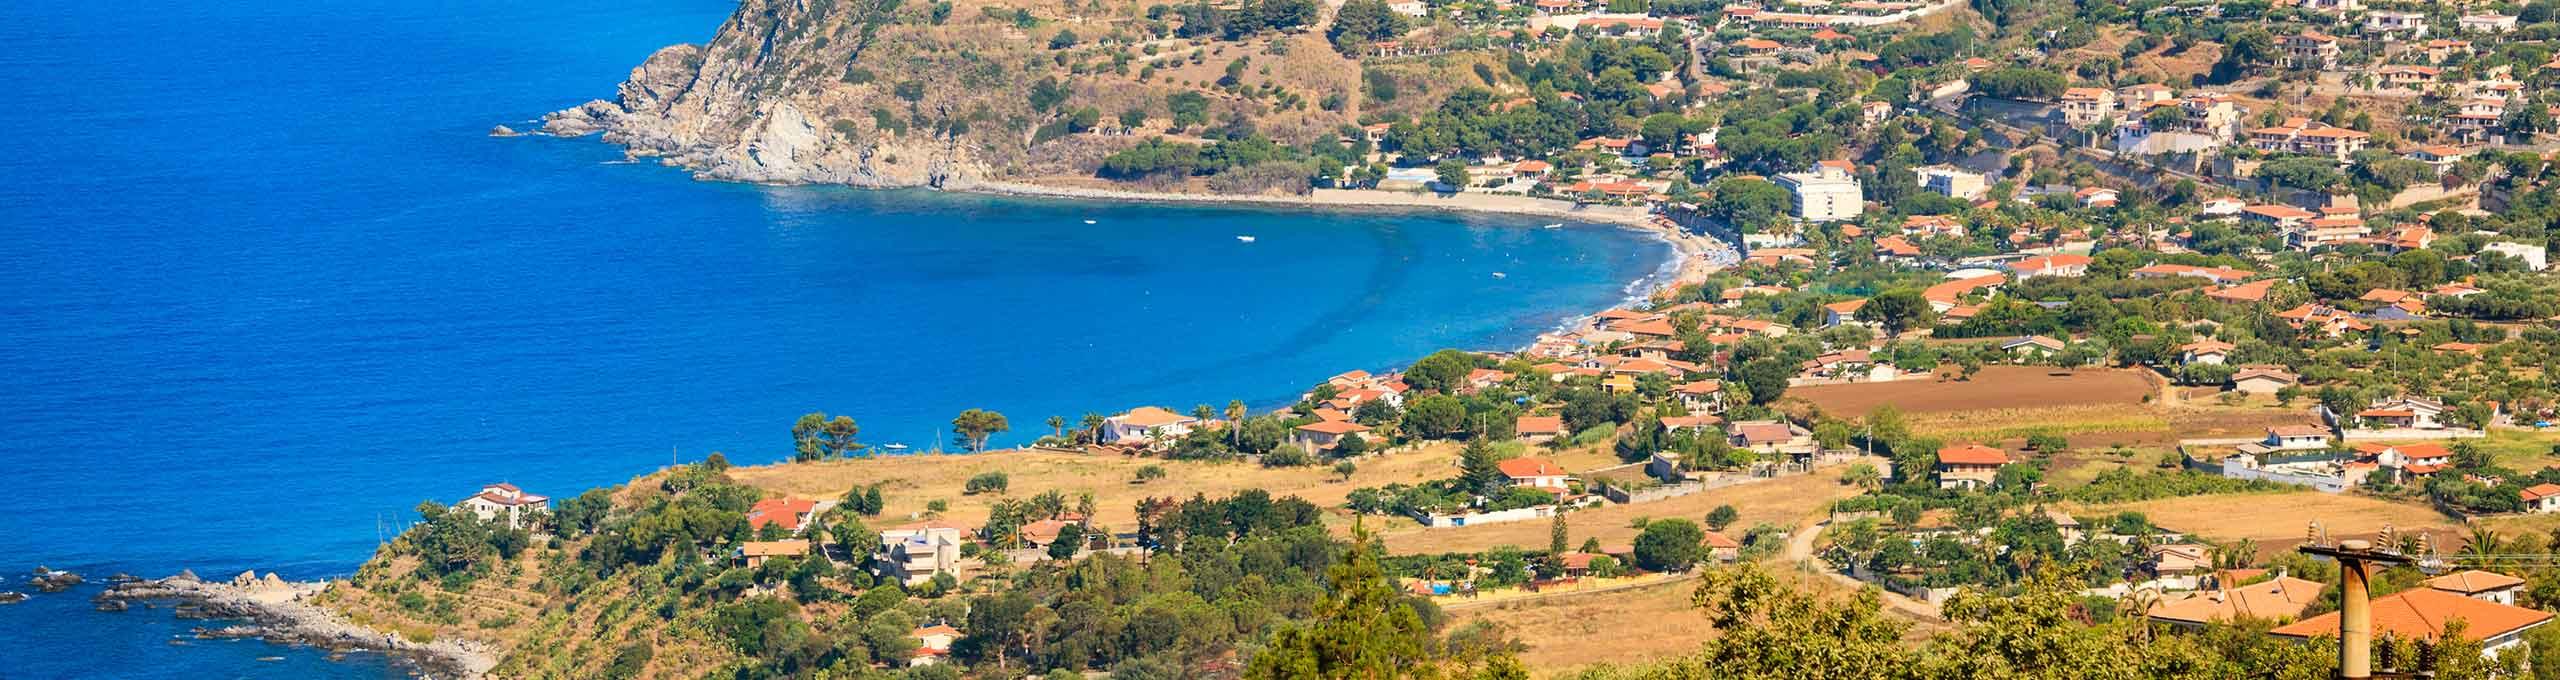 Joppolo, Costa degli Dei, Calabria